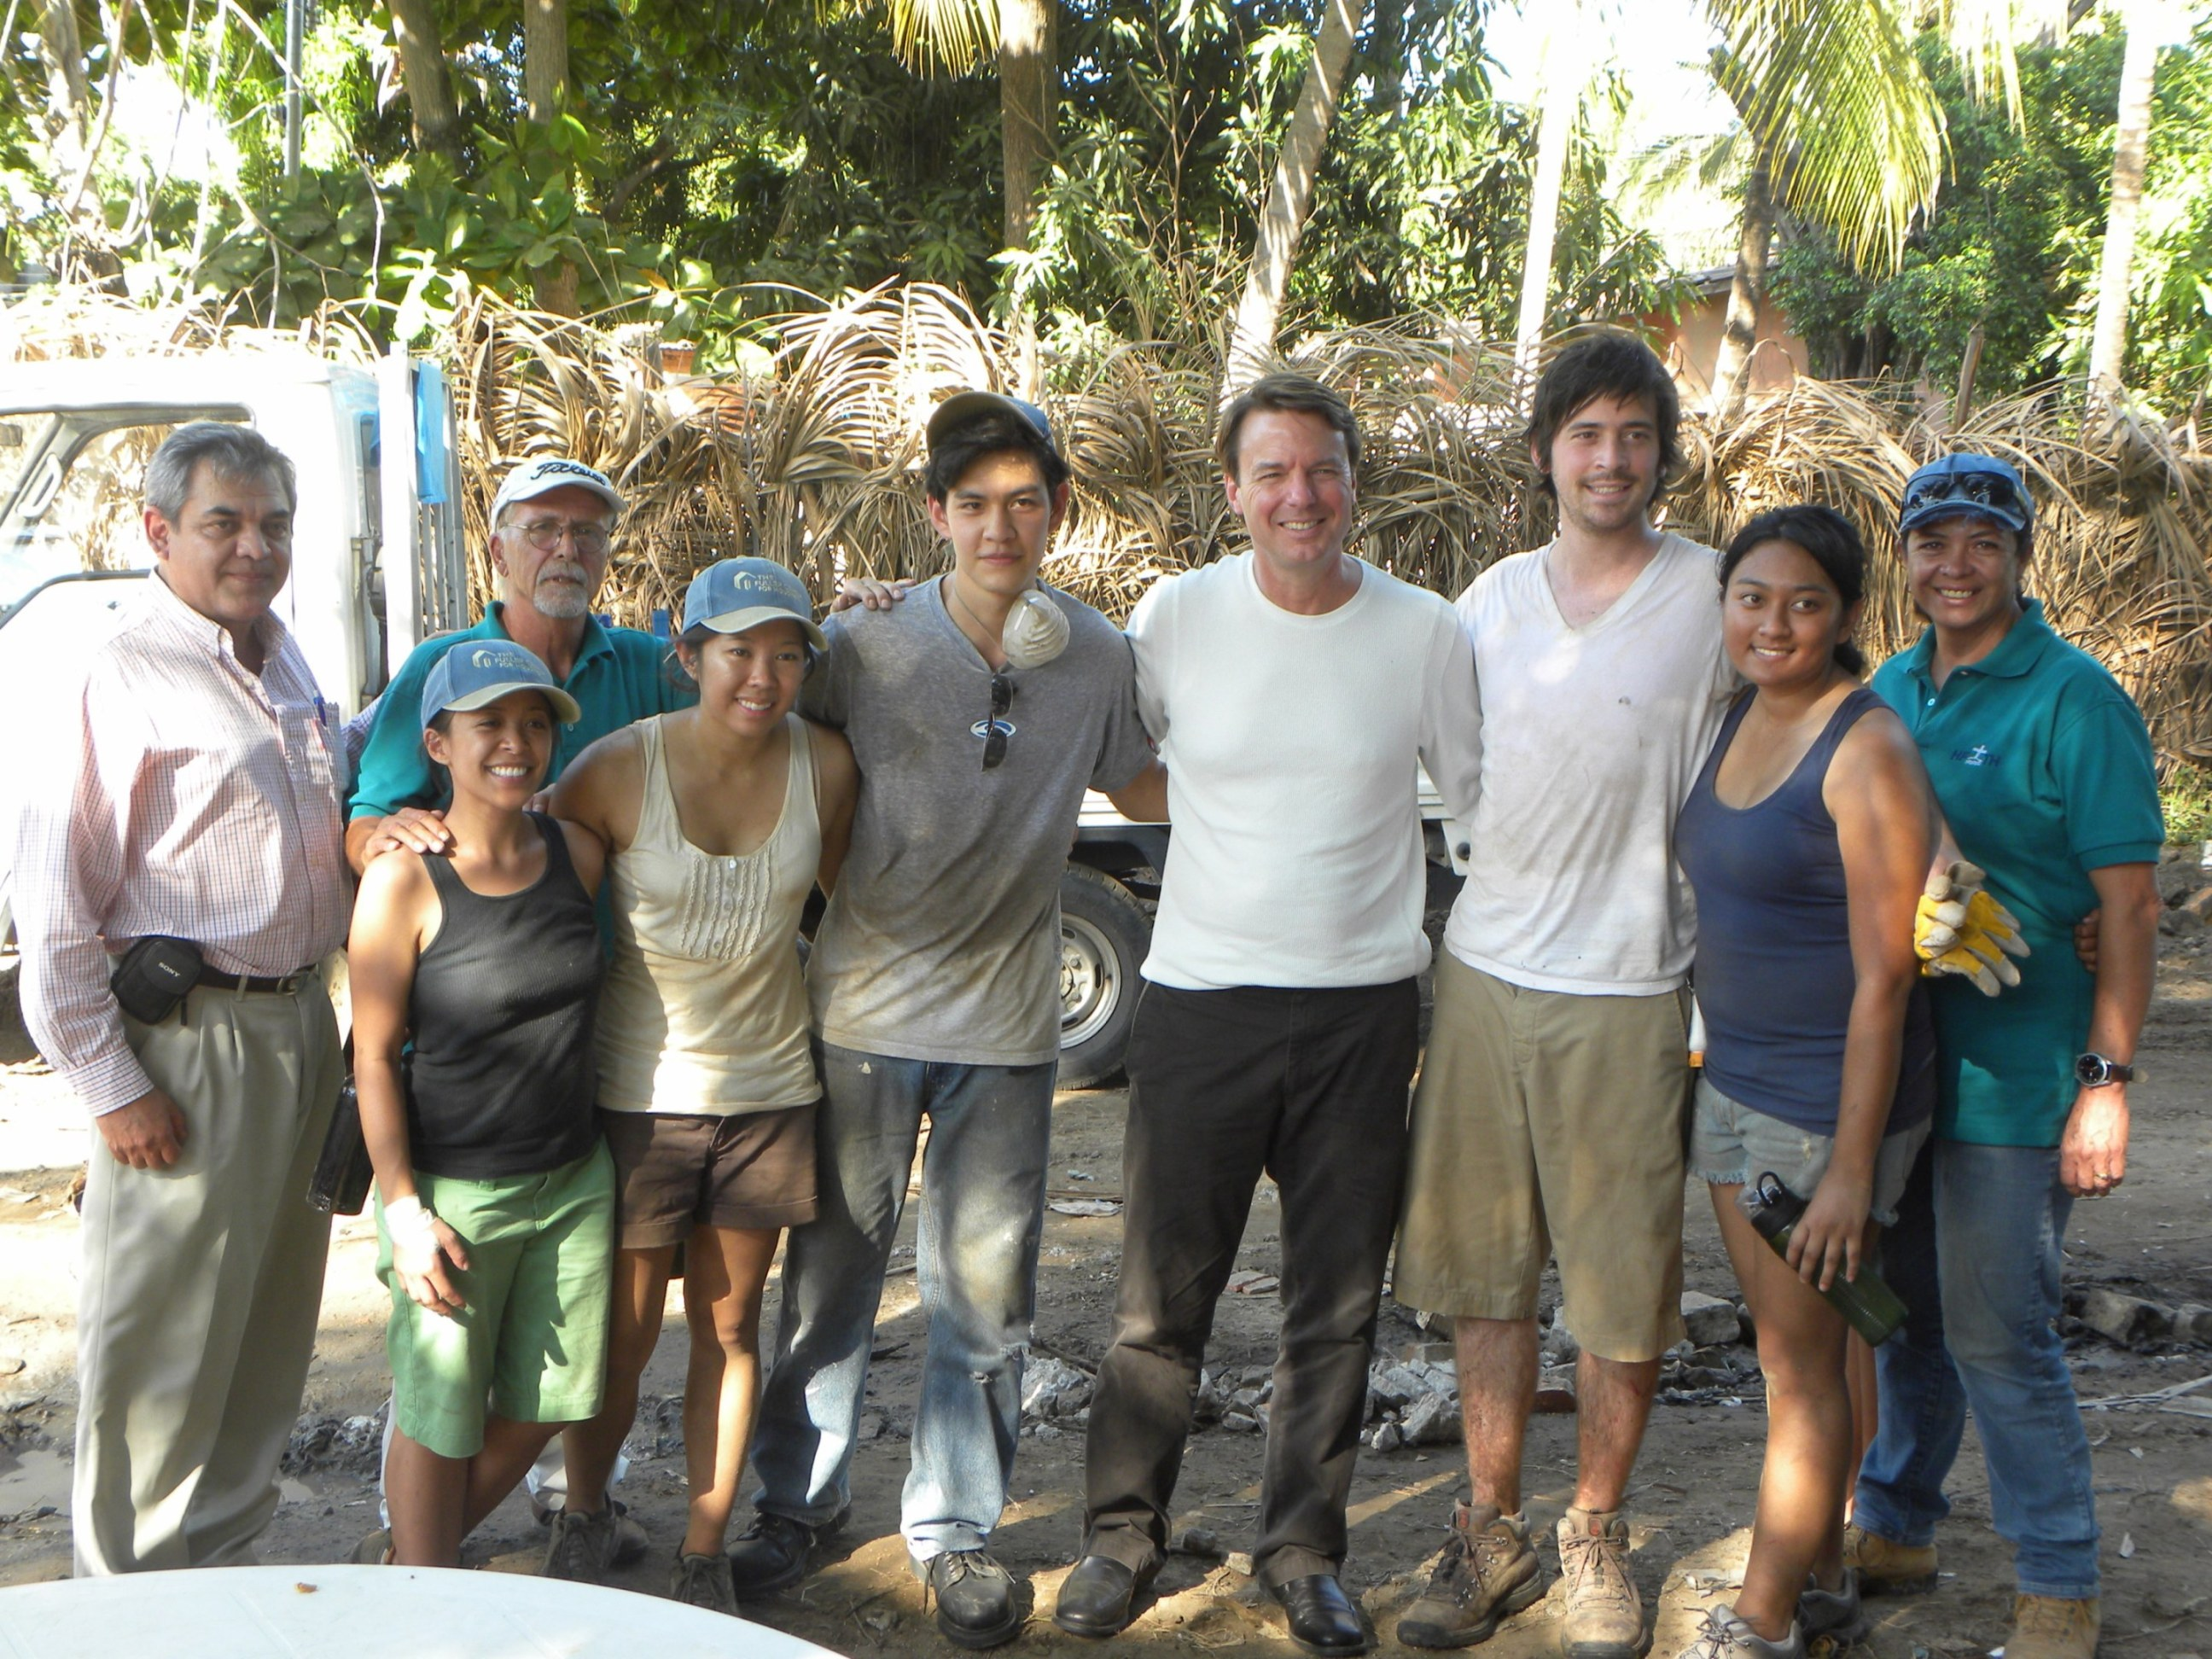 Sen. Edwards returns to El Salvador with The Fuller Center